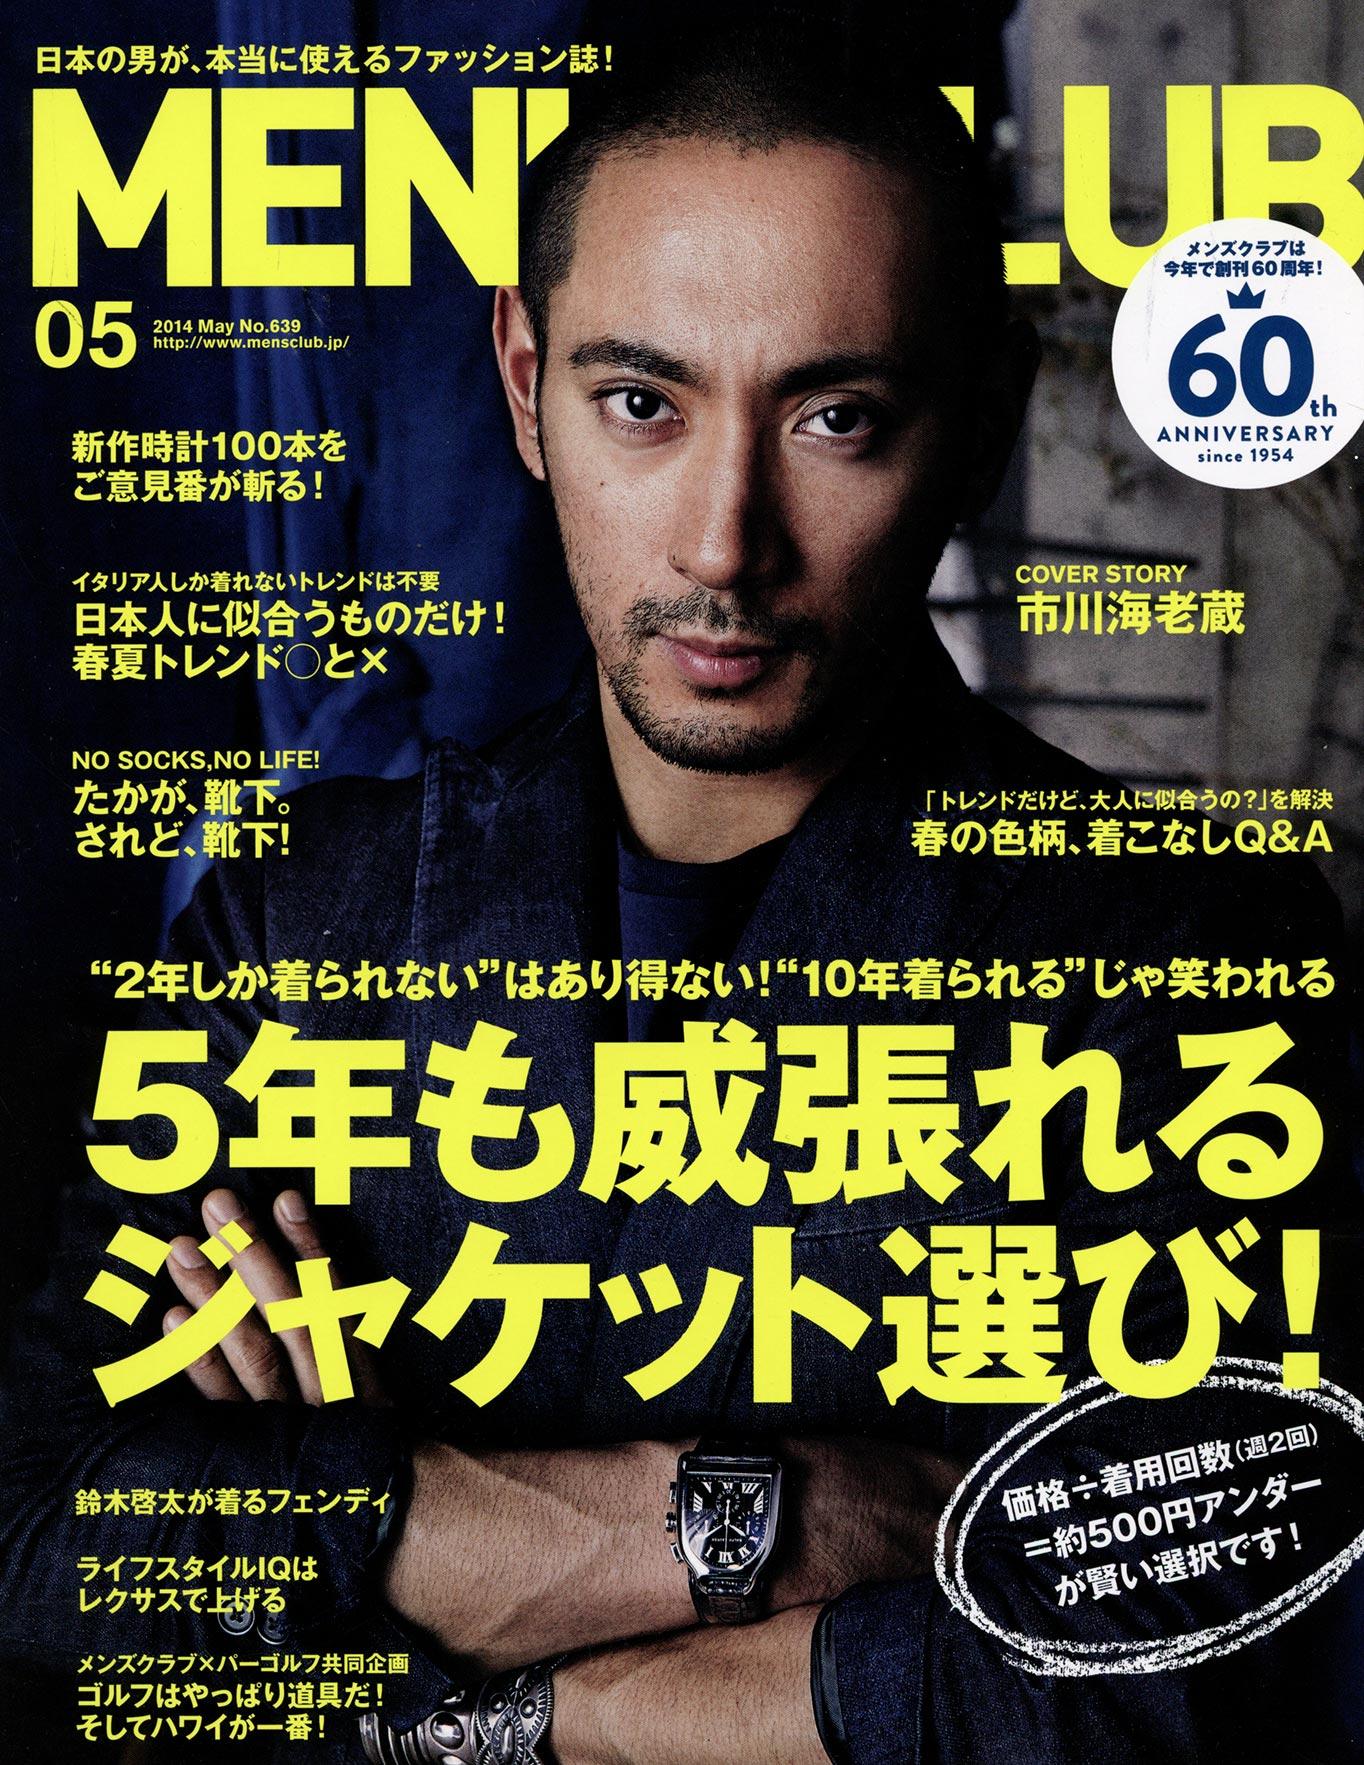 Japanese men fashion magazine